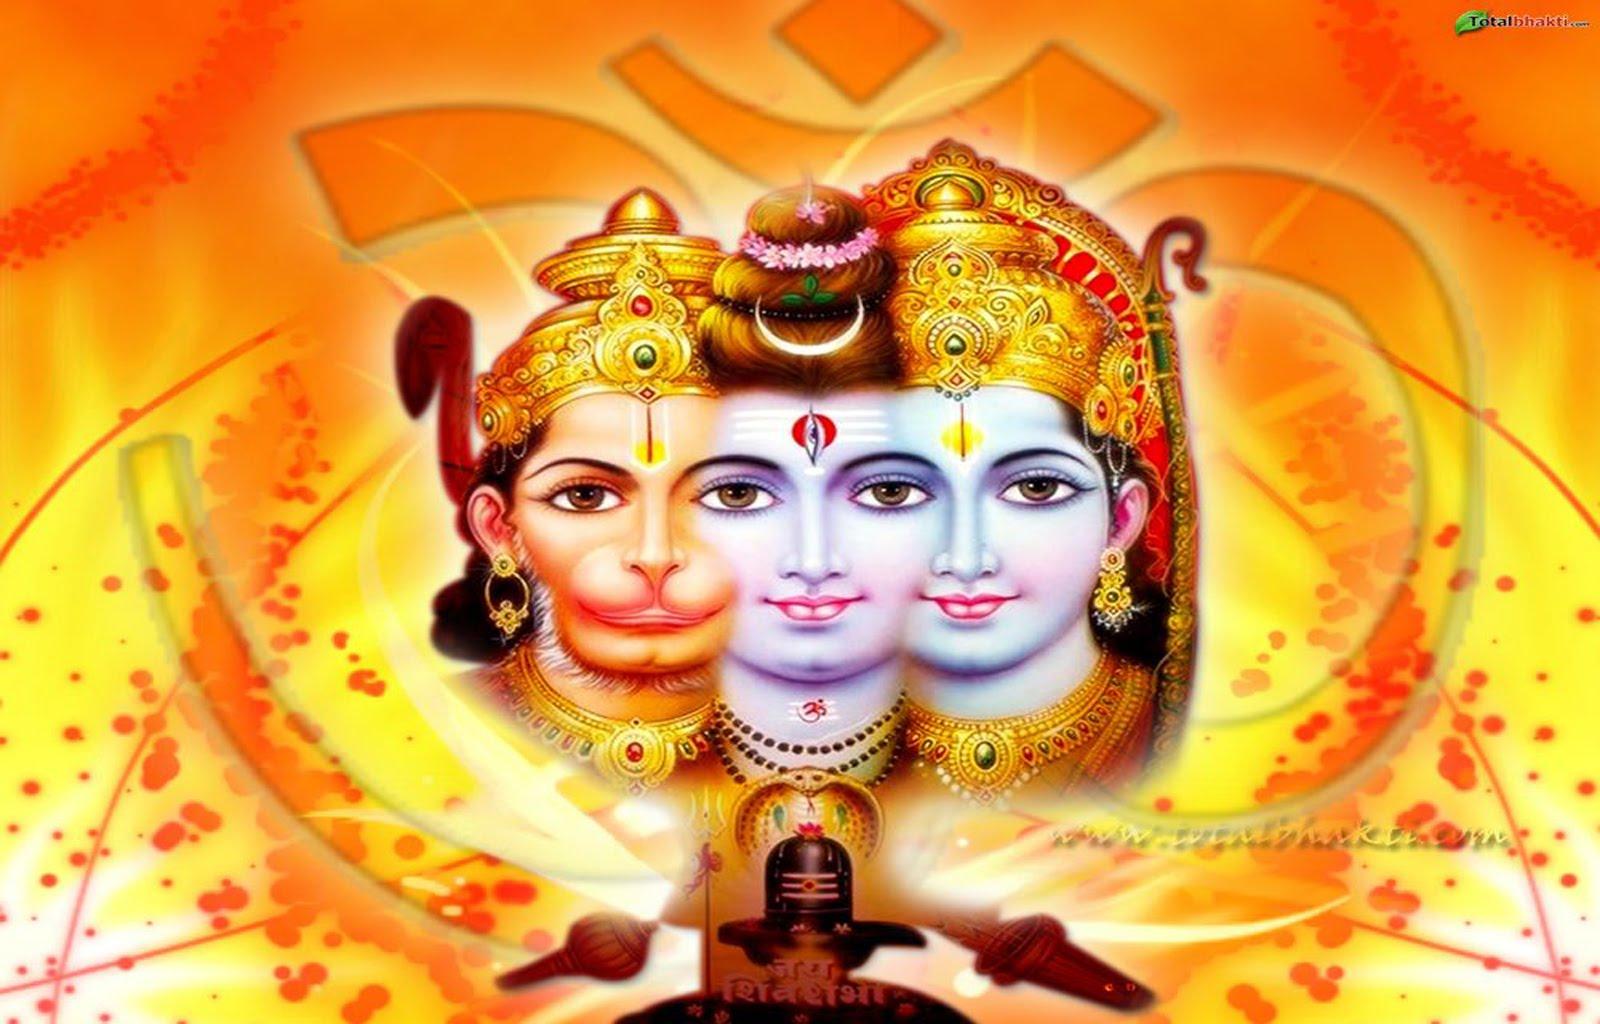 http://4.bp.blogspot.com/-ZiN6NphcEWU/TkbQf8TLT4I/AAAAAAAAALs/PAWWofKXX1s/s1600/Hanuman-Shiva-Rama.jpg